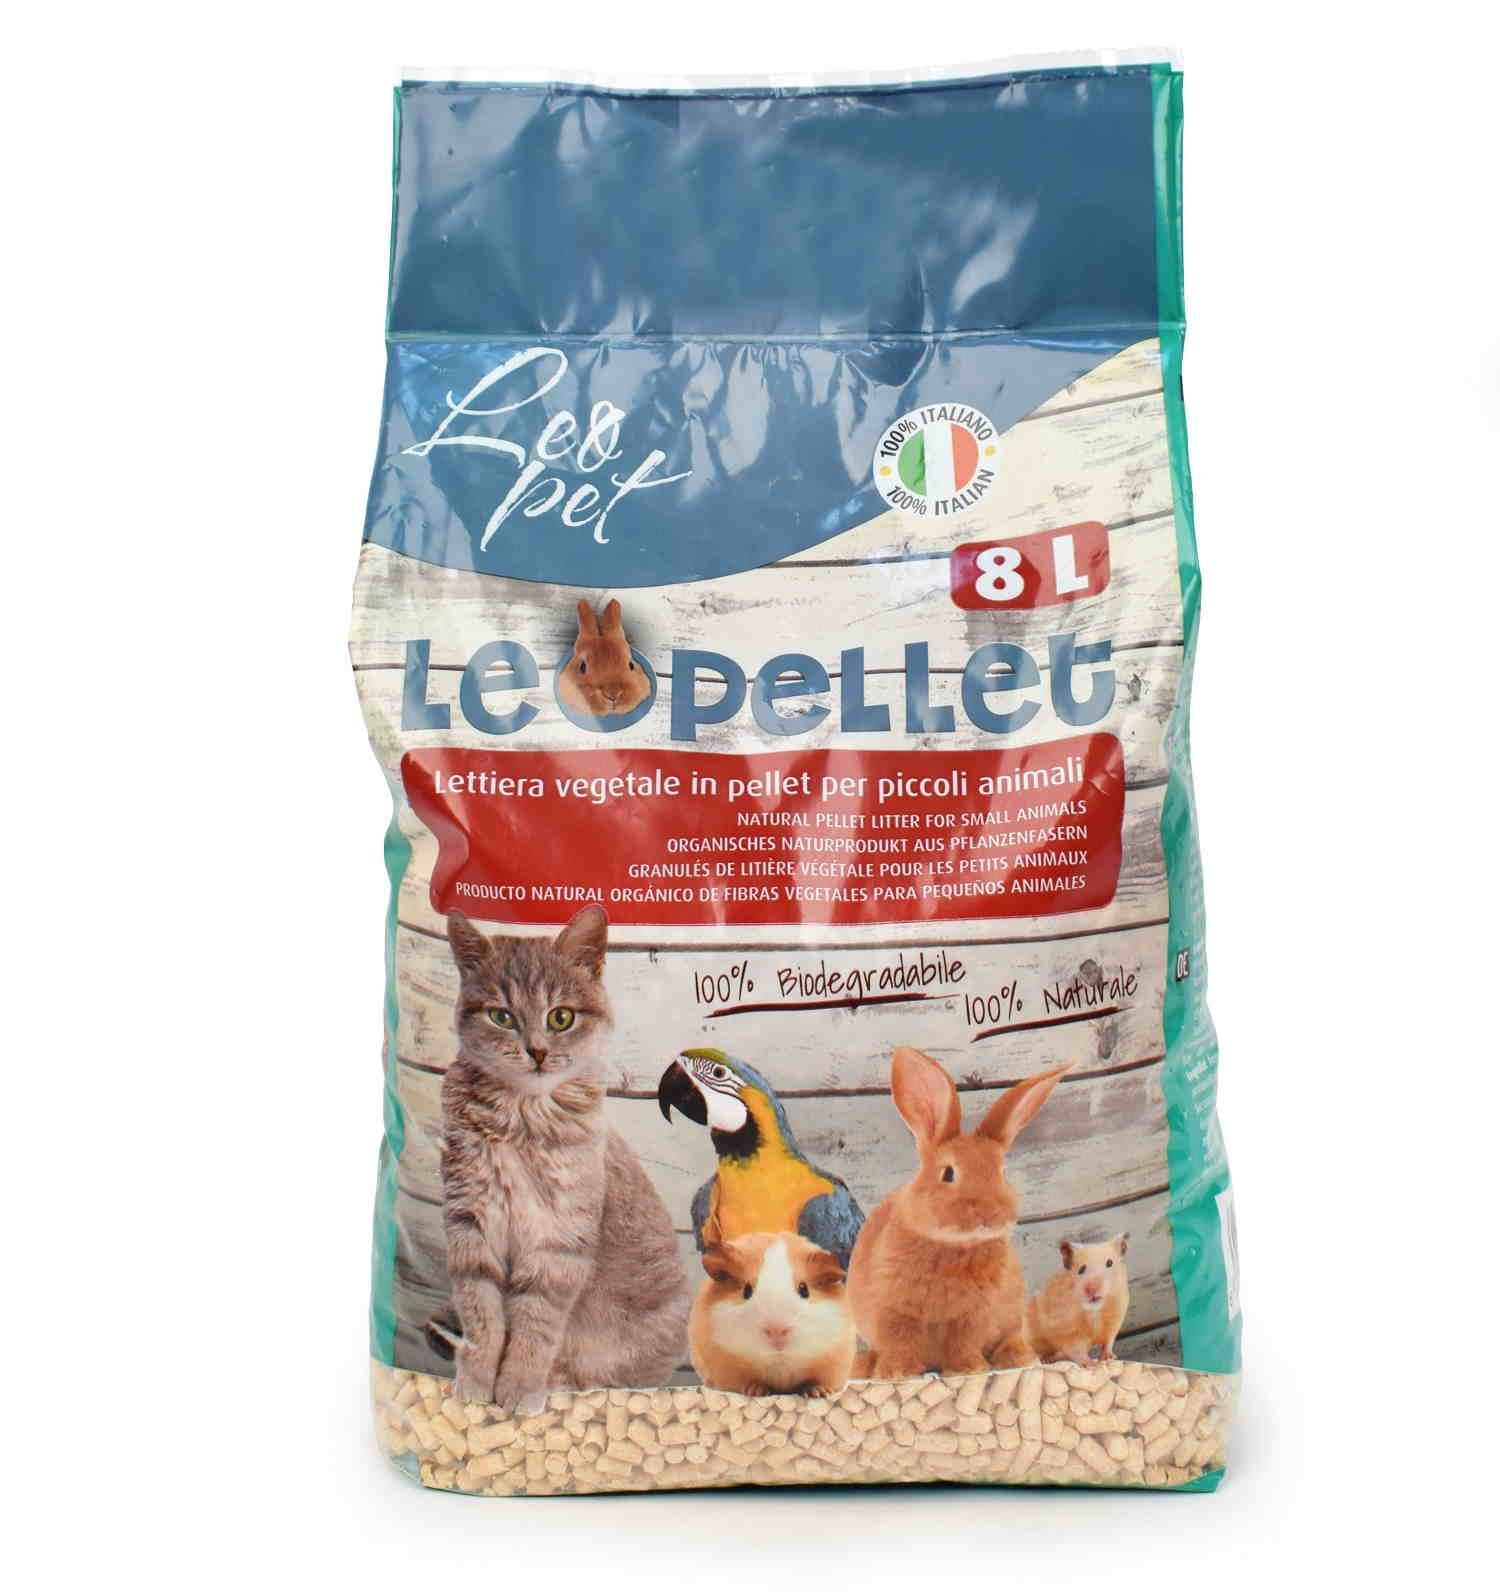 Lettiera In Pellet Per Conigli Nani 8 Litri Articoli Animali